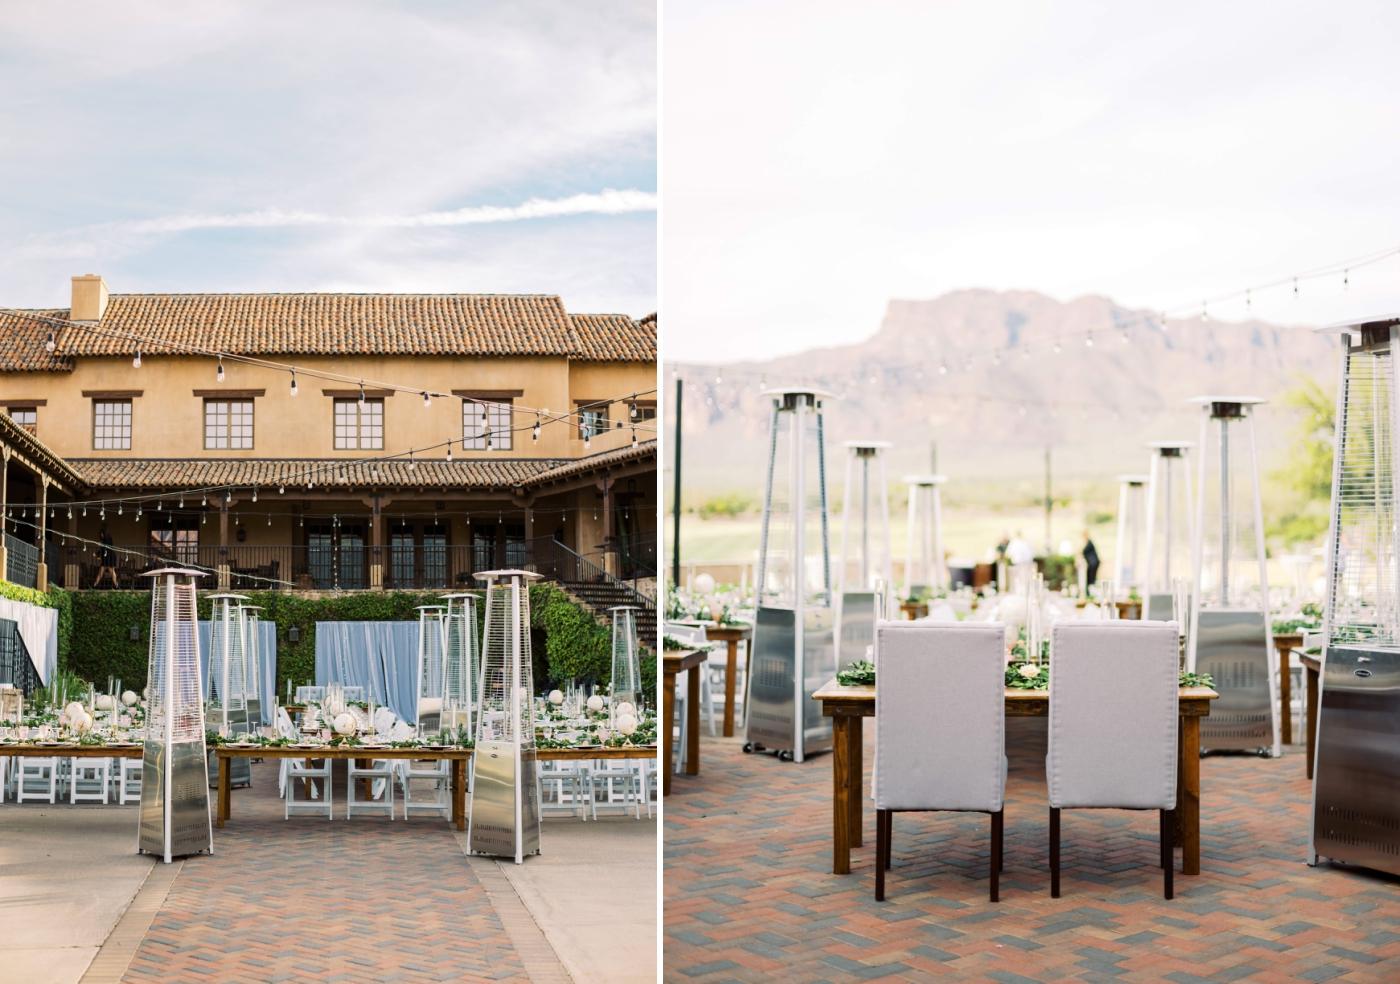 Top 5 Outdoor Wedding Venues In Arizona - Wood-n-Crate Designs